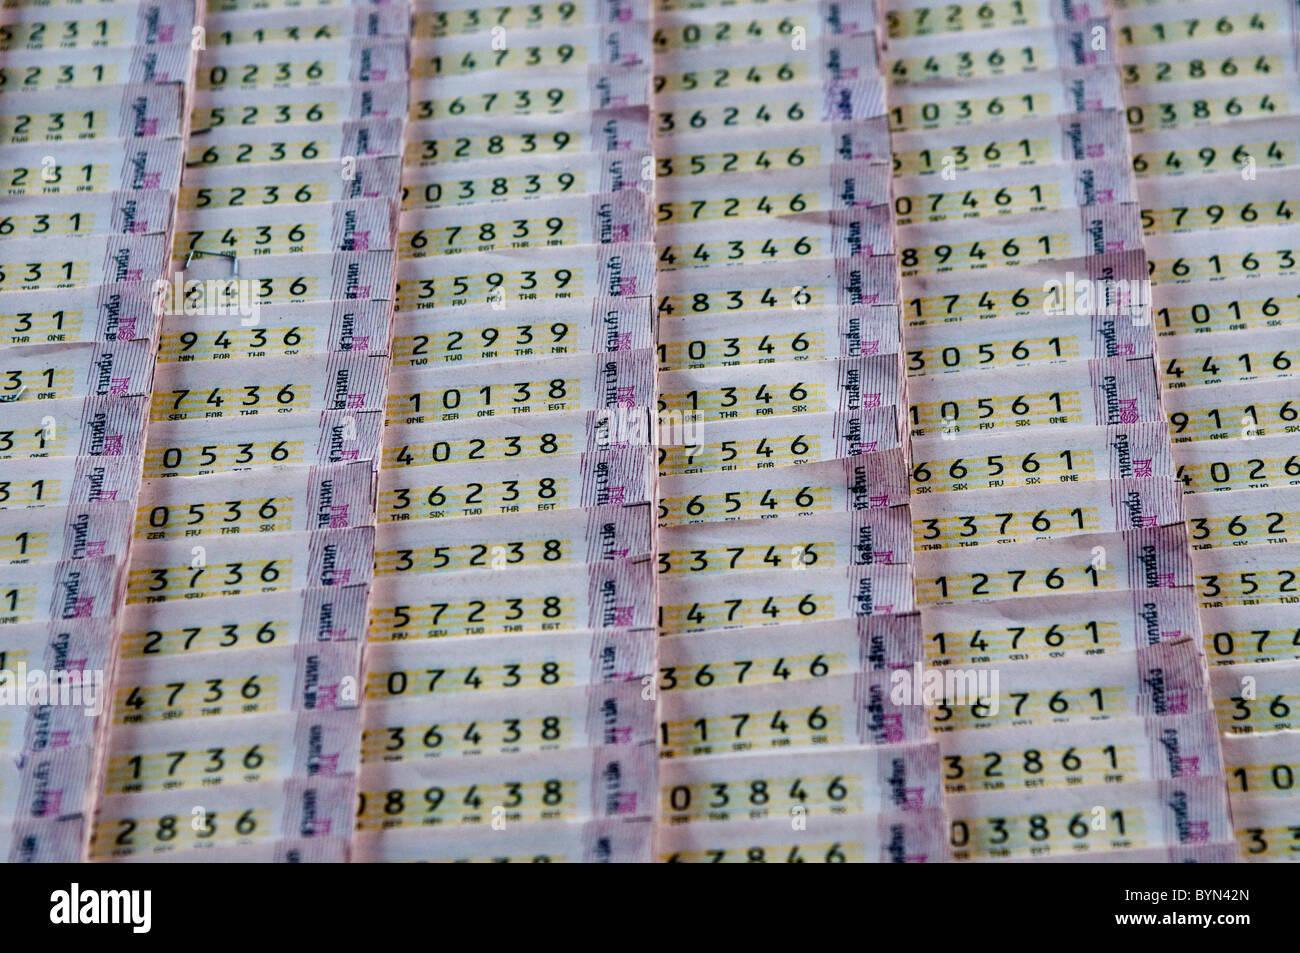 Lottery tickets, Bangkok, Thailand Stock Photo: 34270285 - Alamy